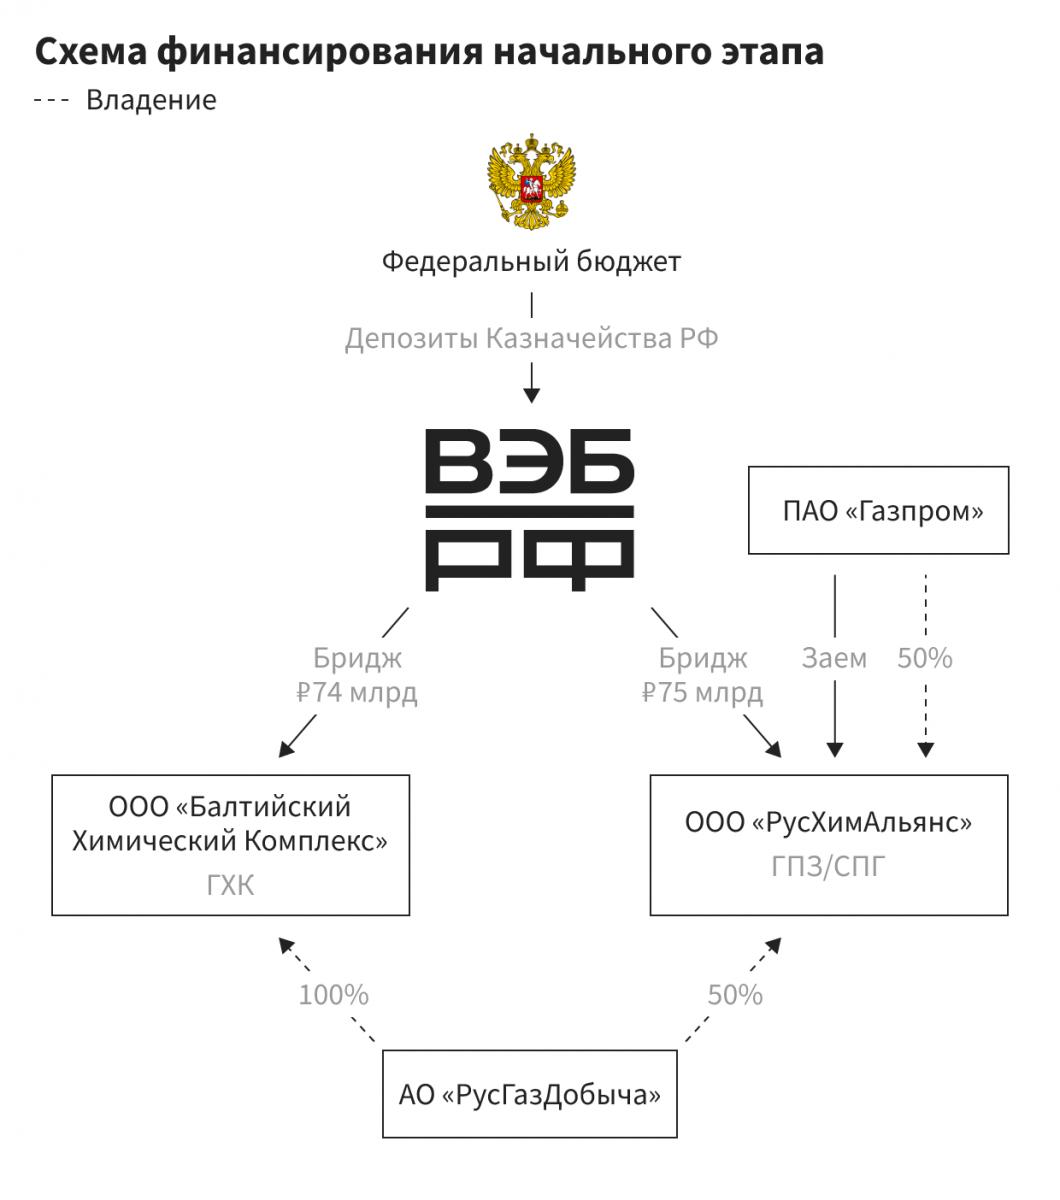 Алексей Миллер засунет ФНБ в Усть-Лугу